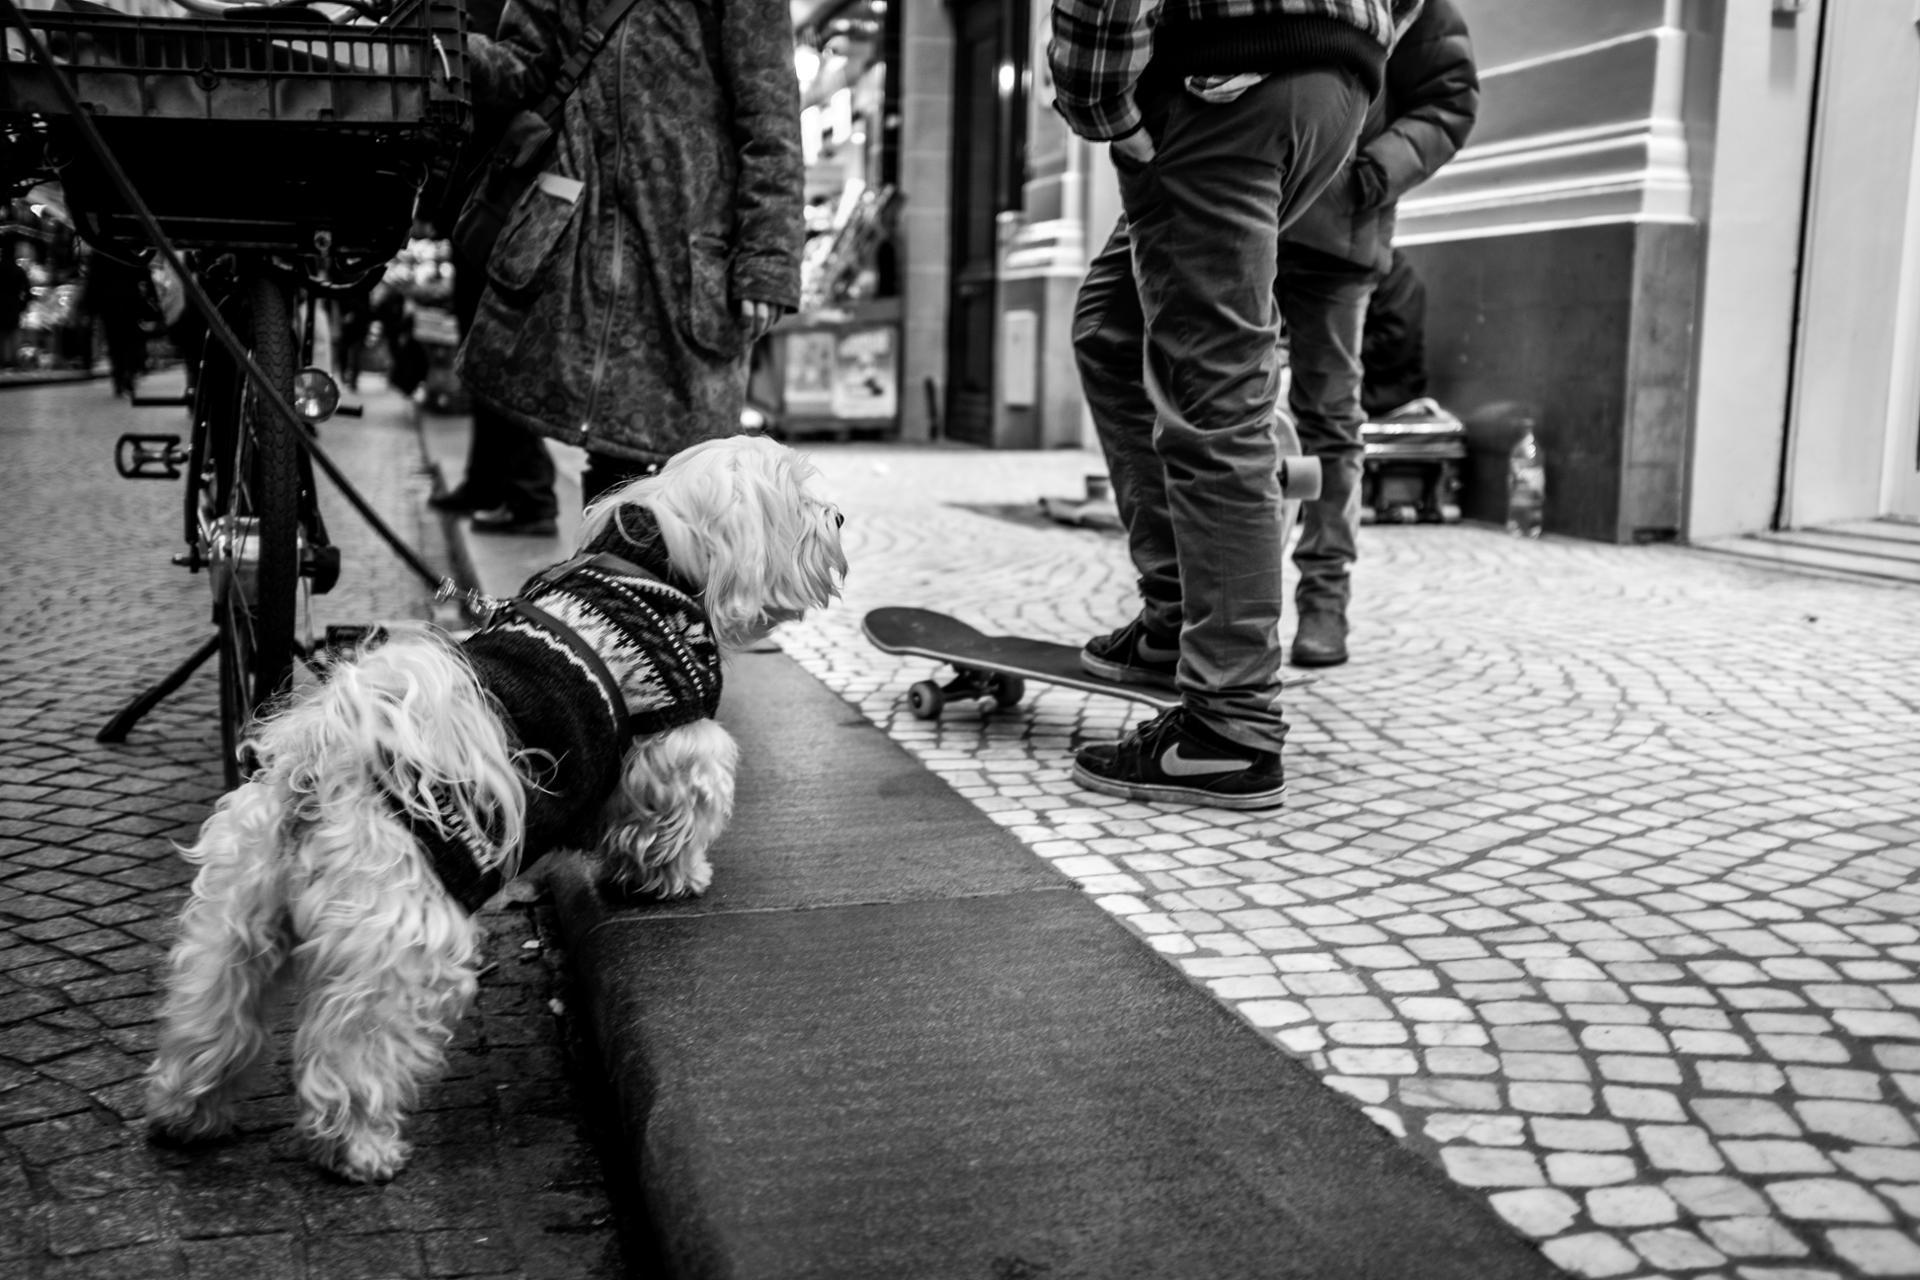 Skate & dog